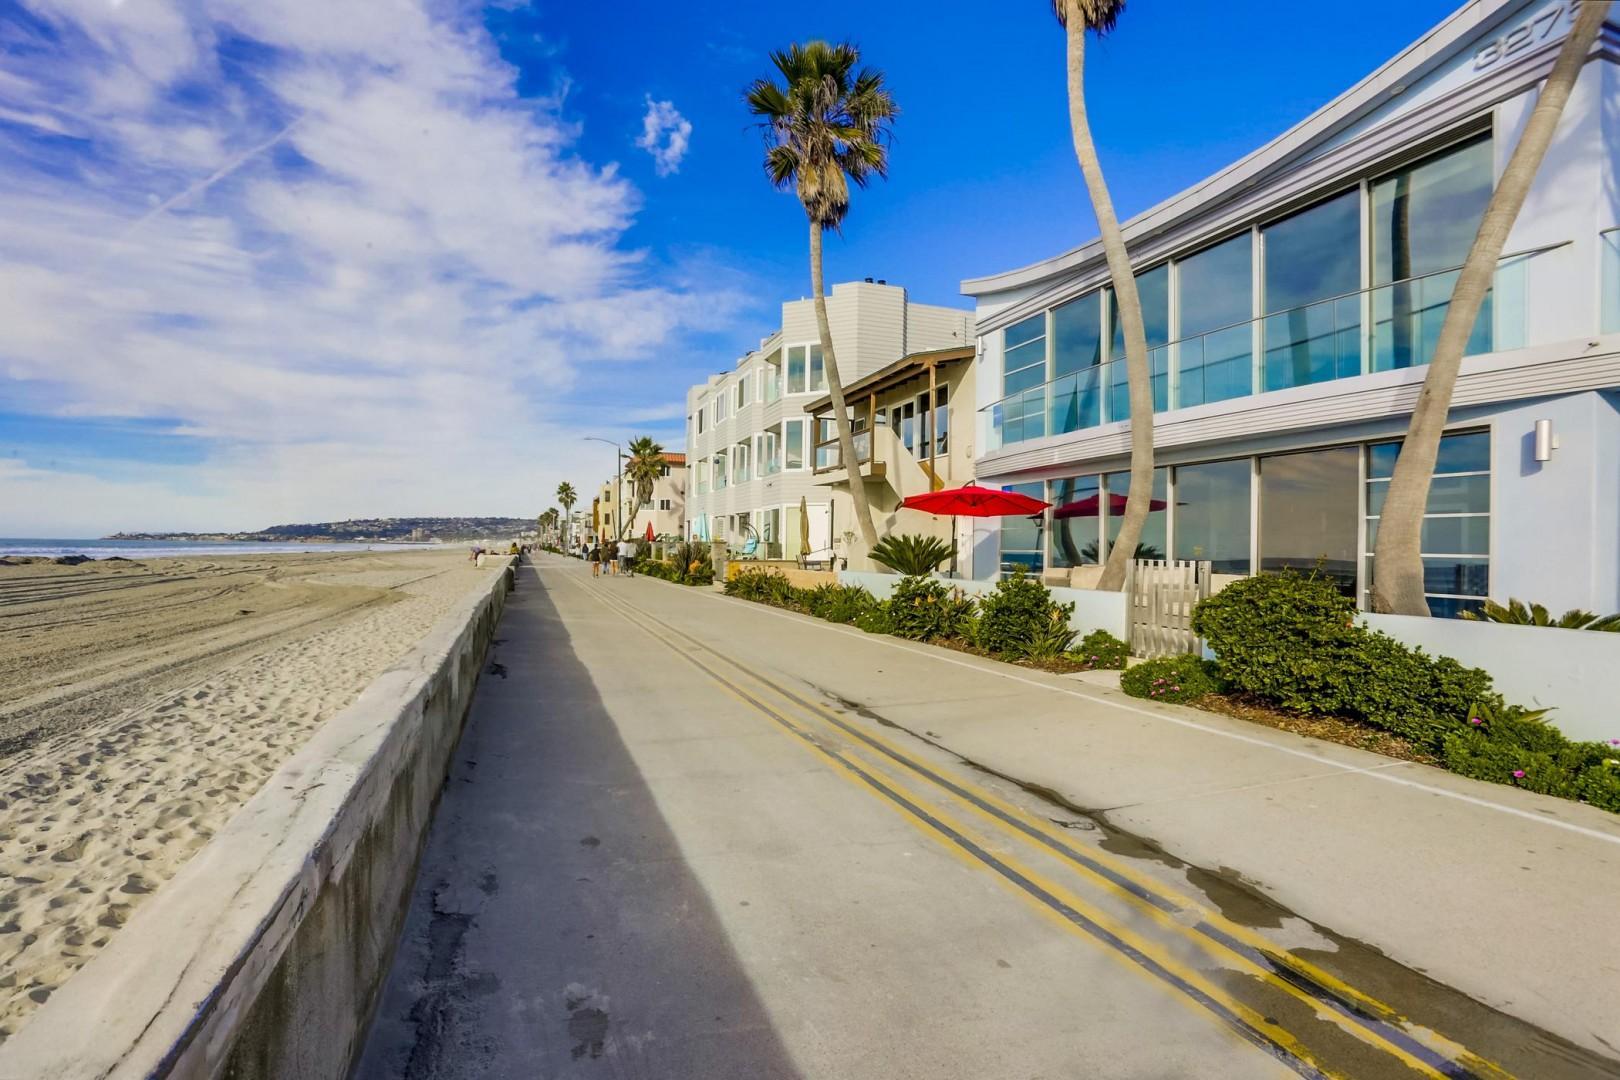 3275-ocean-front-walk-apt-1-059_2100x1400